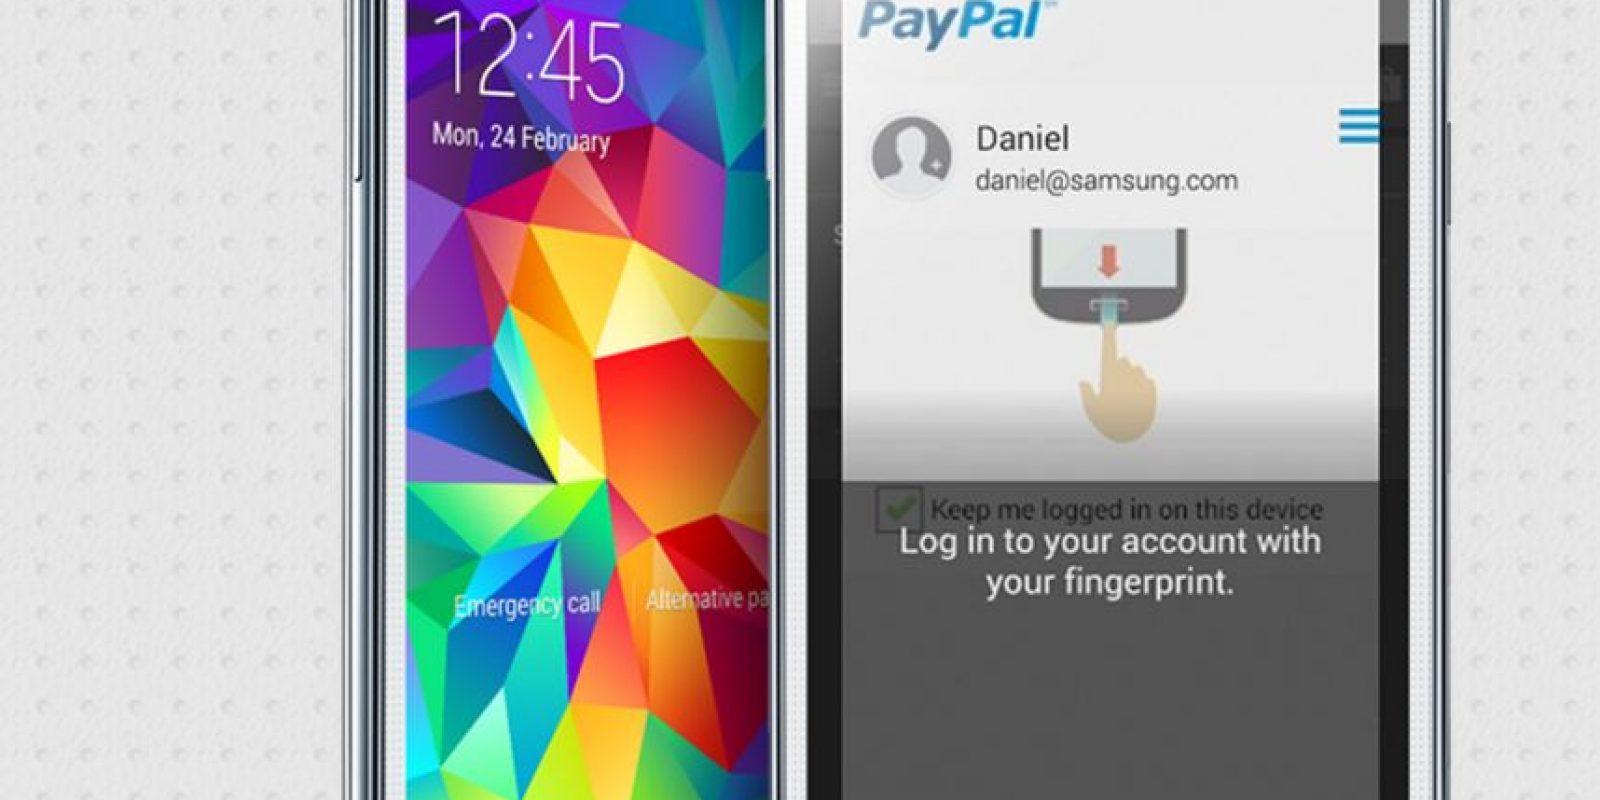 La biometría o uso de la huella digital cada vez se hace más común. Los sitios de compra en línea, poco a poco, lo adaptan como modo de compra Foto:Samsung